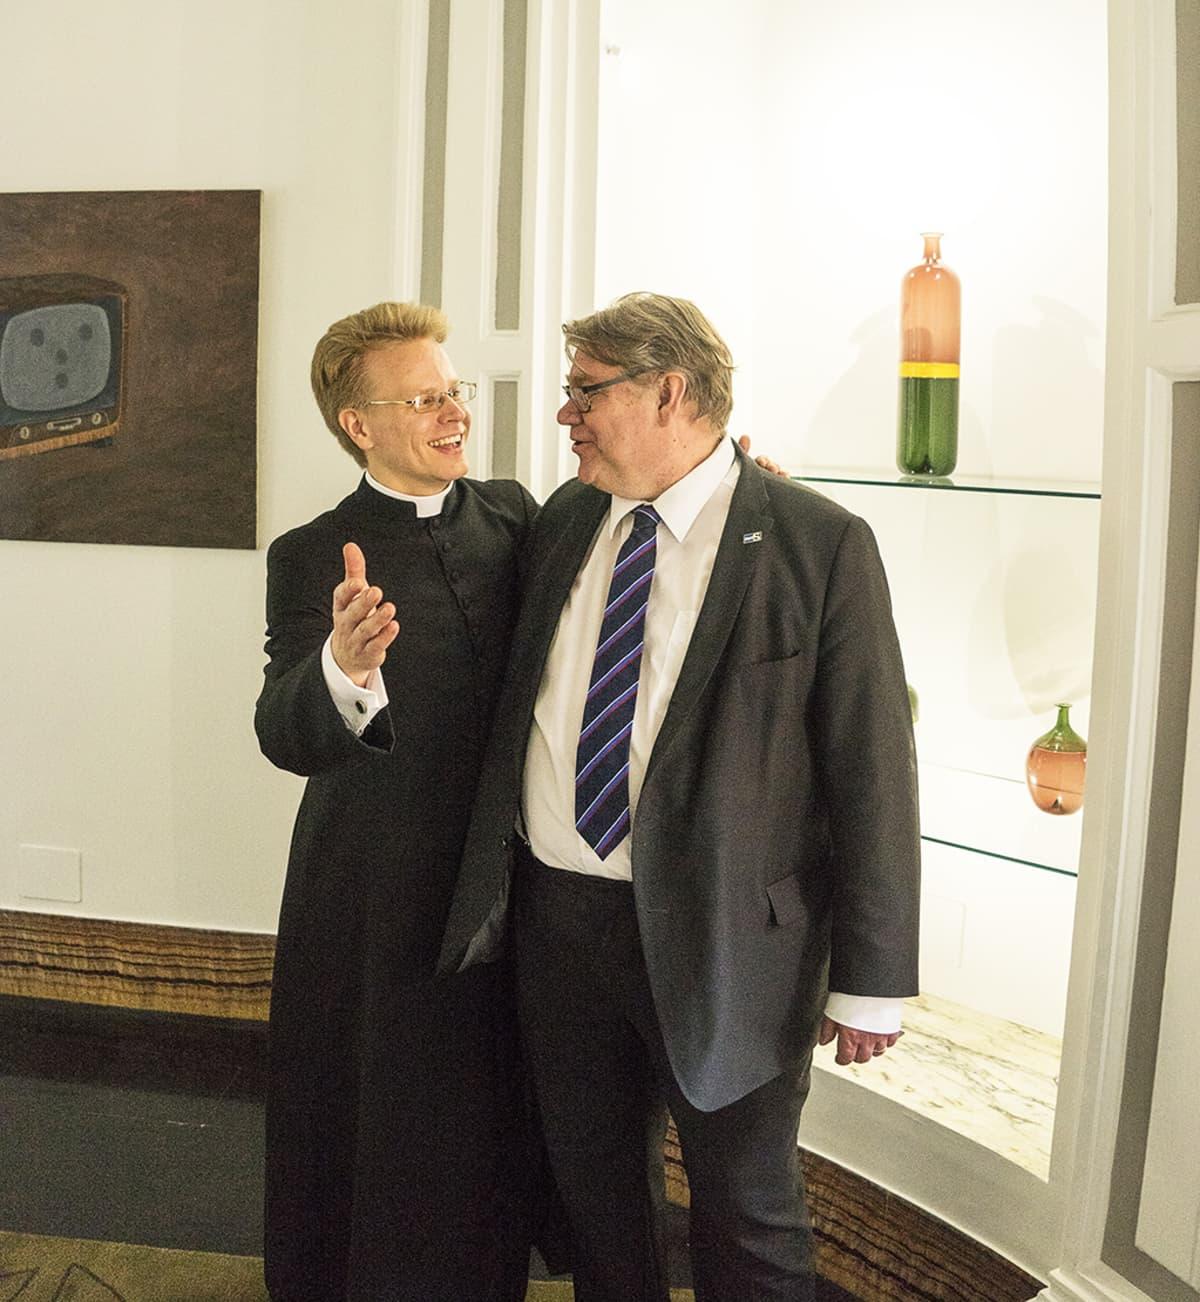 Oskari Juurikkala ja Timo Soini ovat olleet pitkään ystäviä.